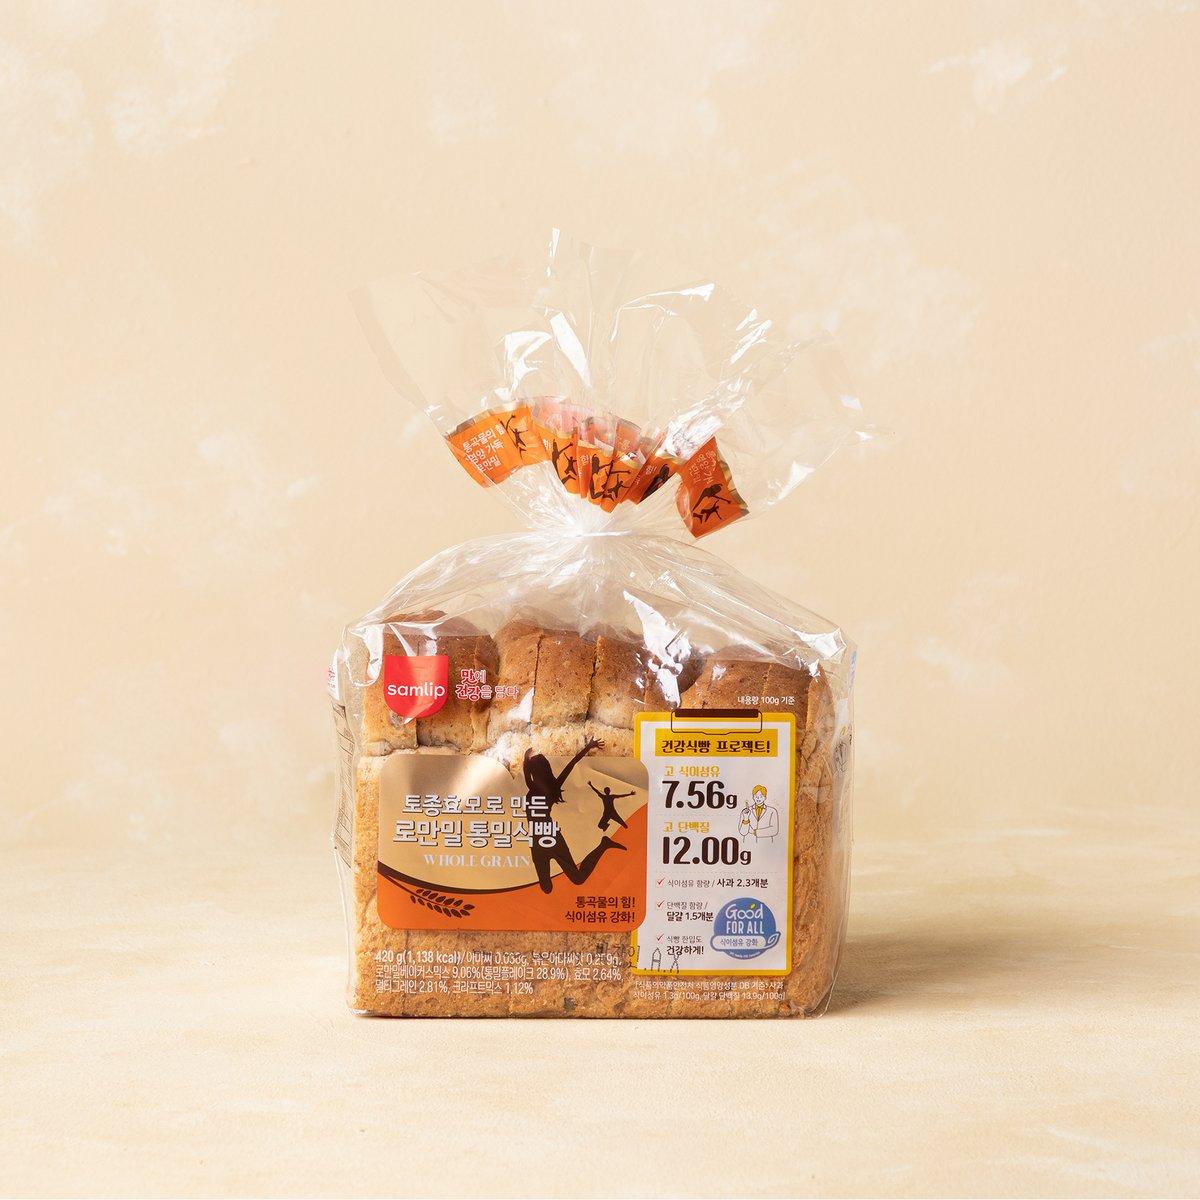 [삼립]토종 효모로 만든 로만밀 통밀식빵420g